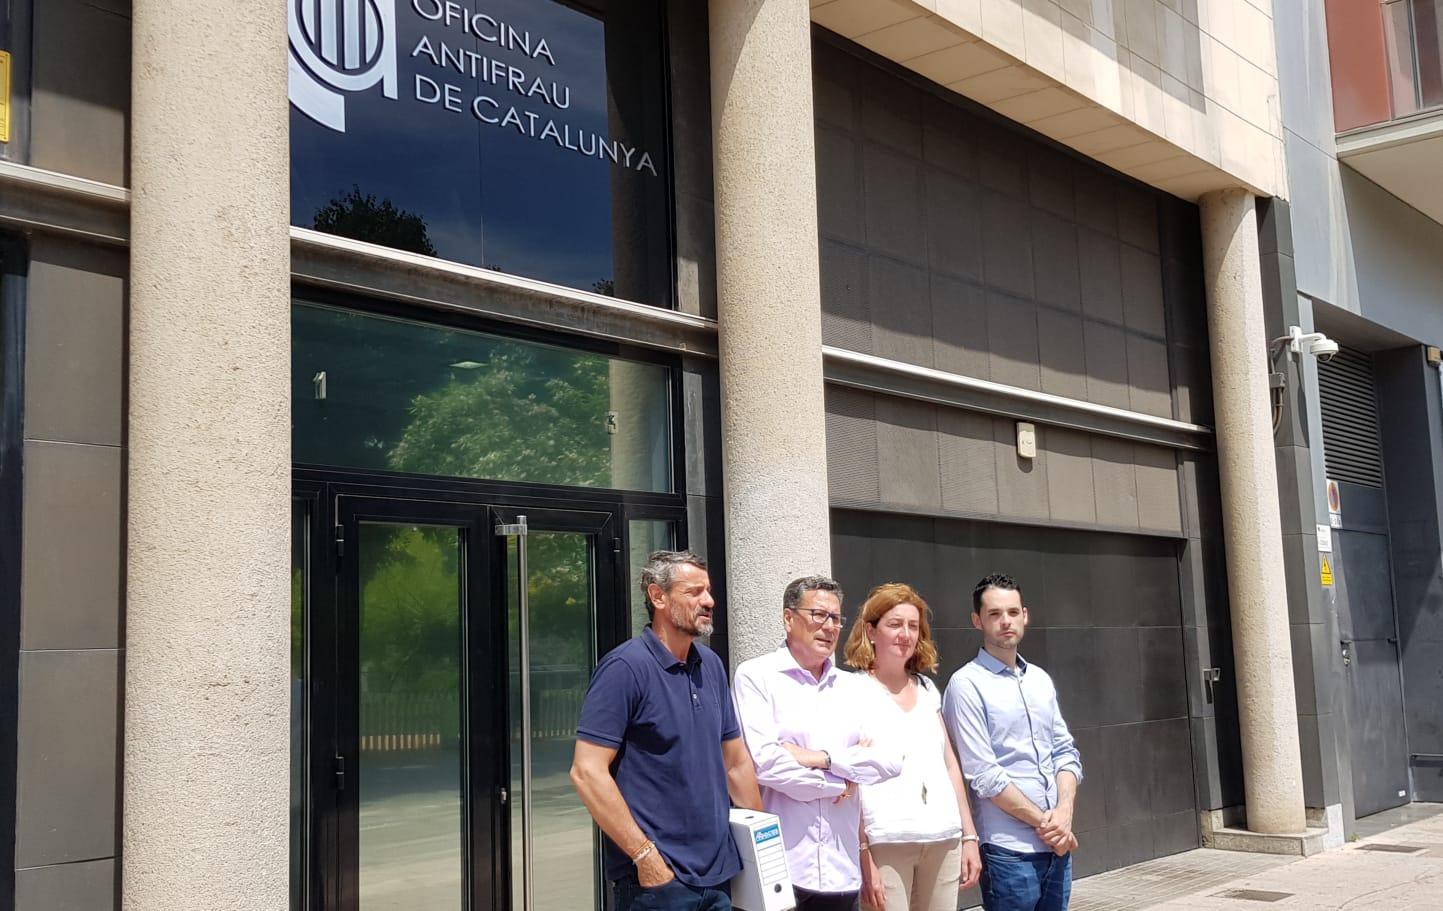 Los cuatro concejales de Cs lHospitalet presentan la denuncia en la Oficina Antifraude de Catalunya